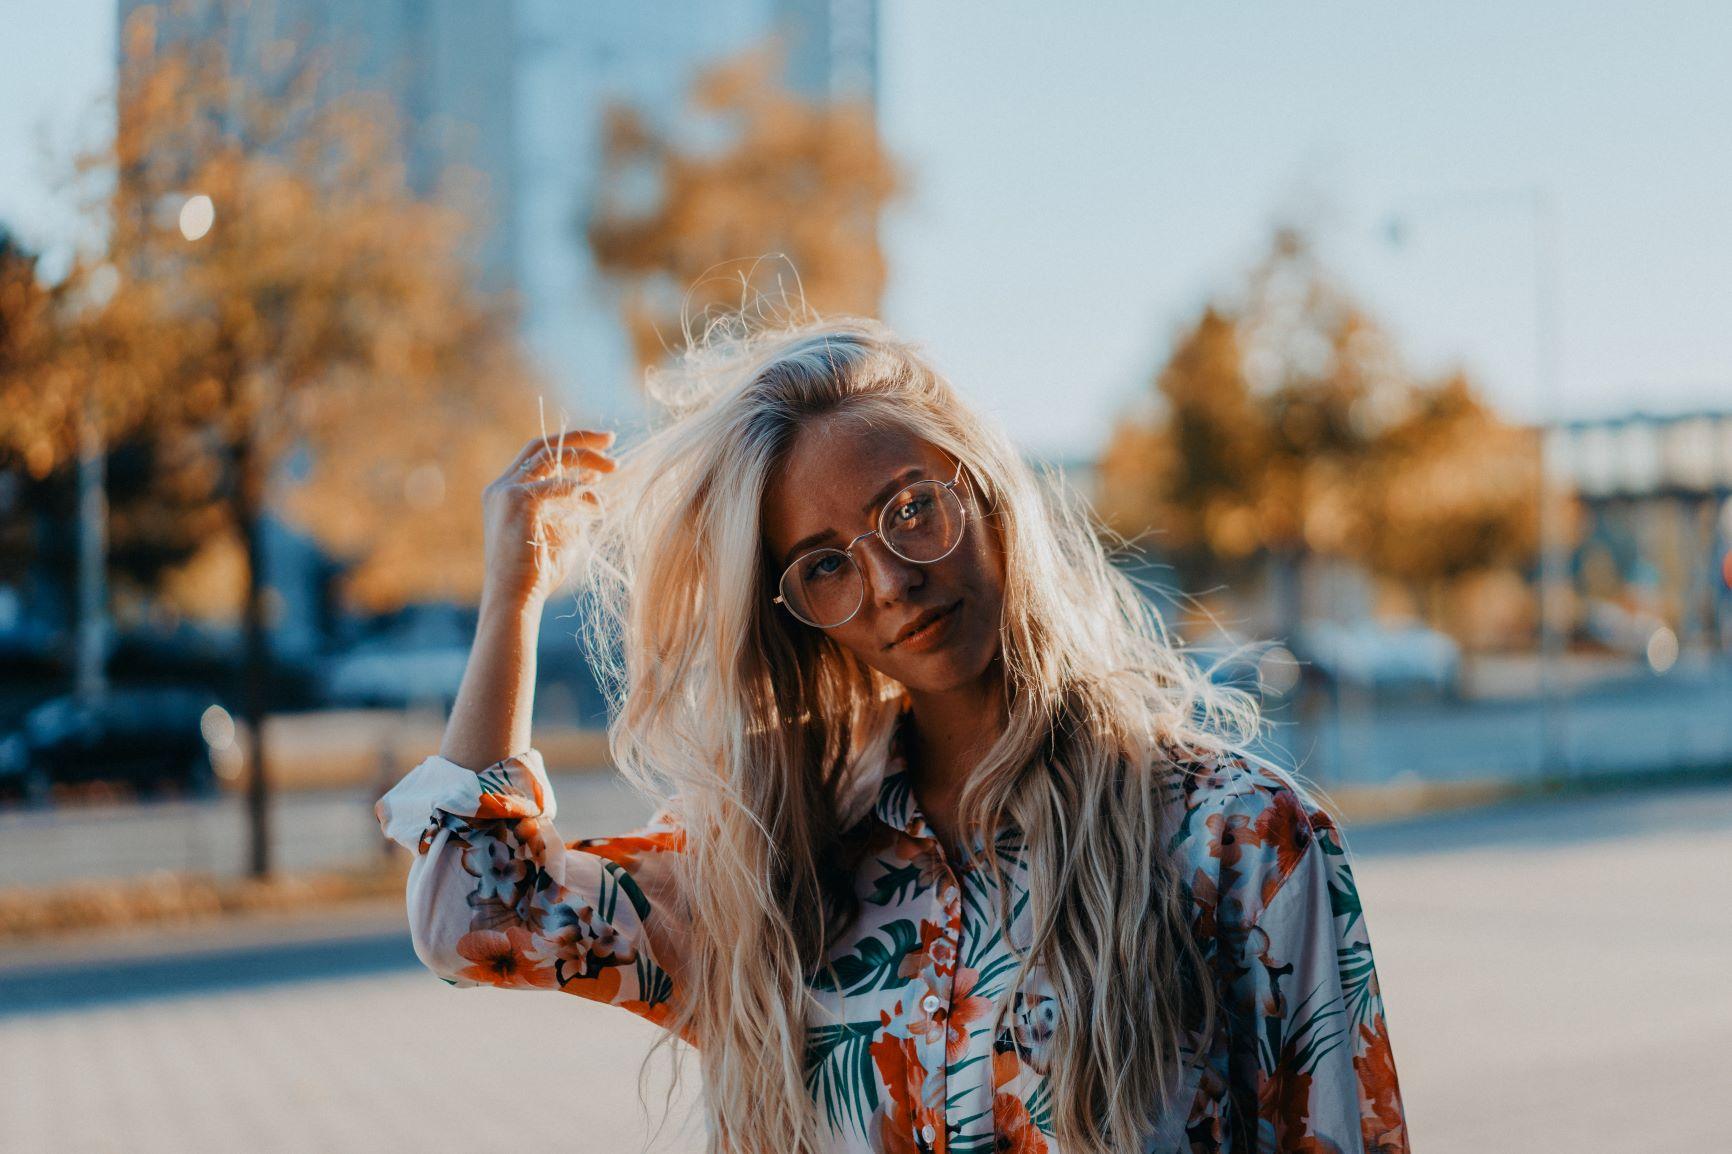 Suha, lomljiva kosa prekrivena velikom količinom peruti mogla bi biti znak da vam nedostaje vitamina B7.